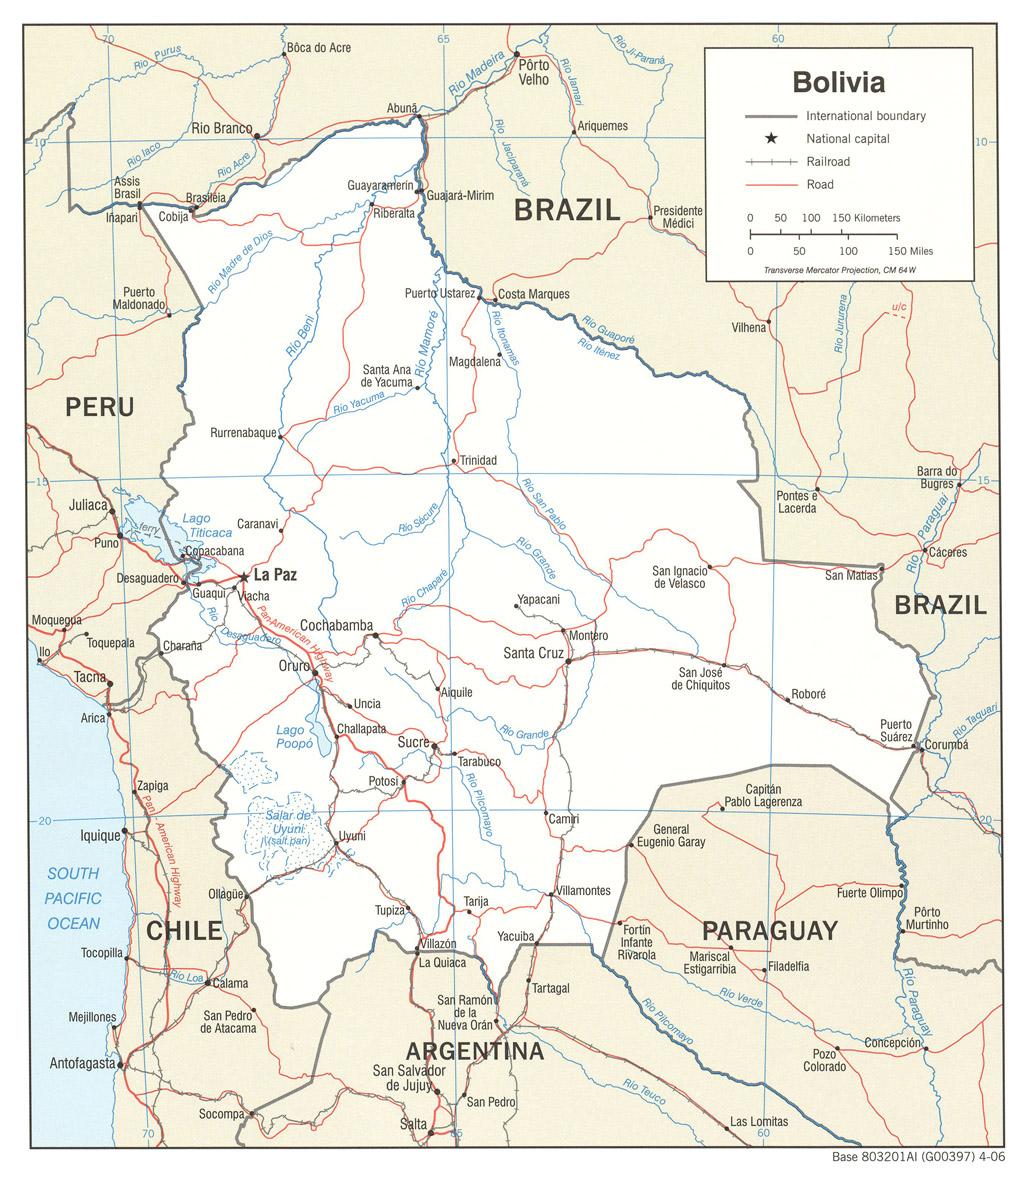 bolivia research paper